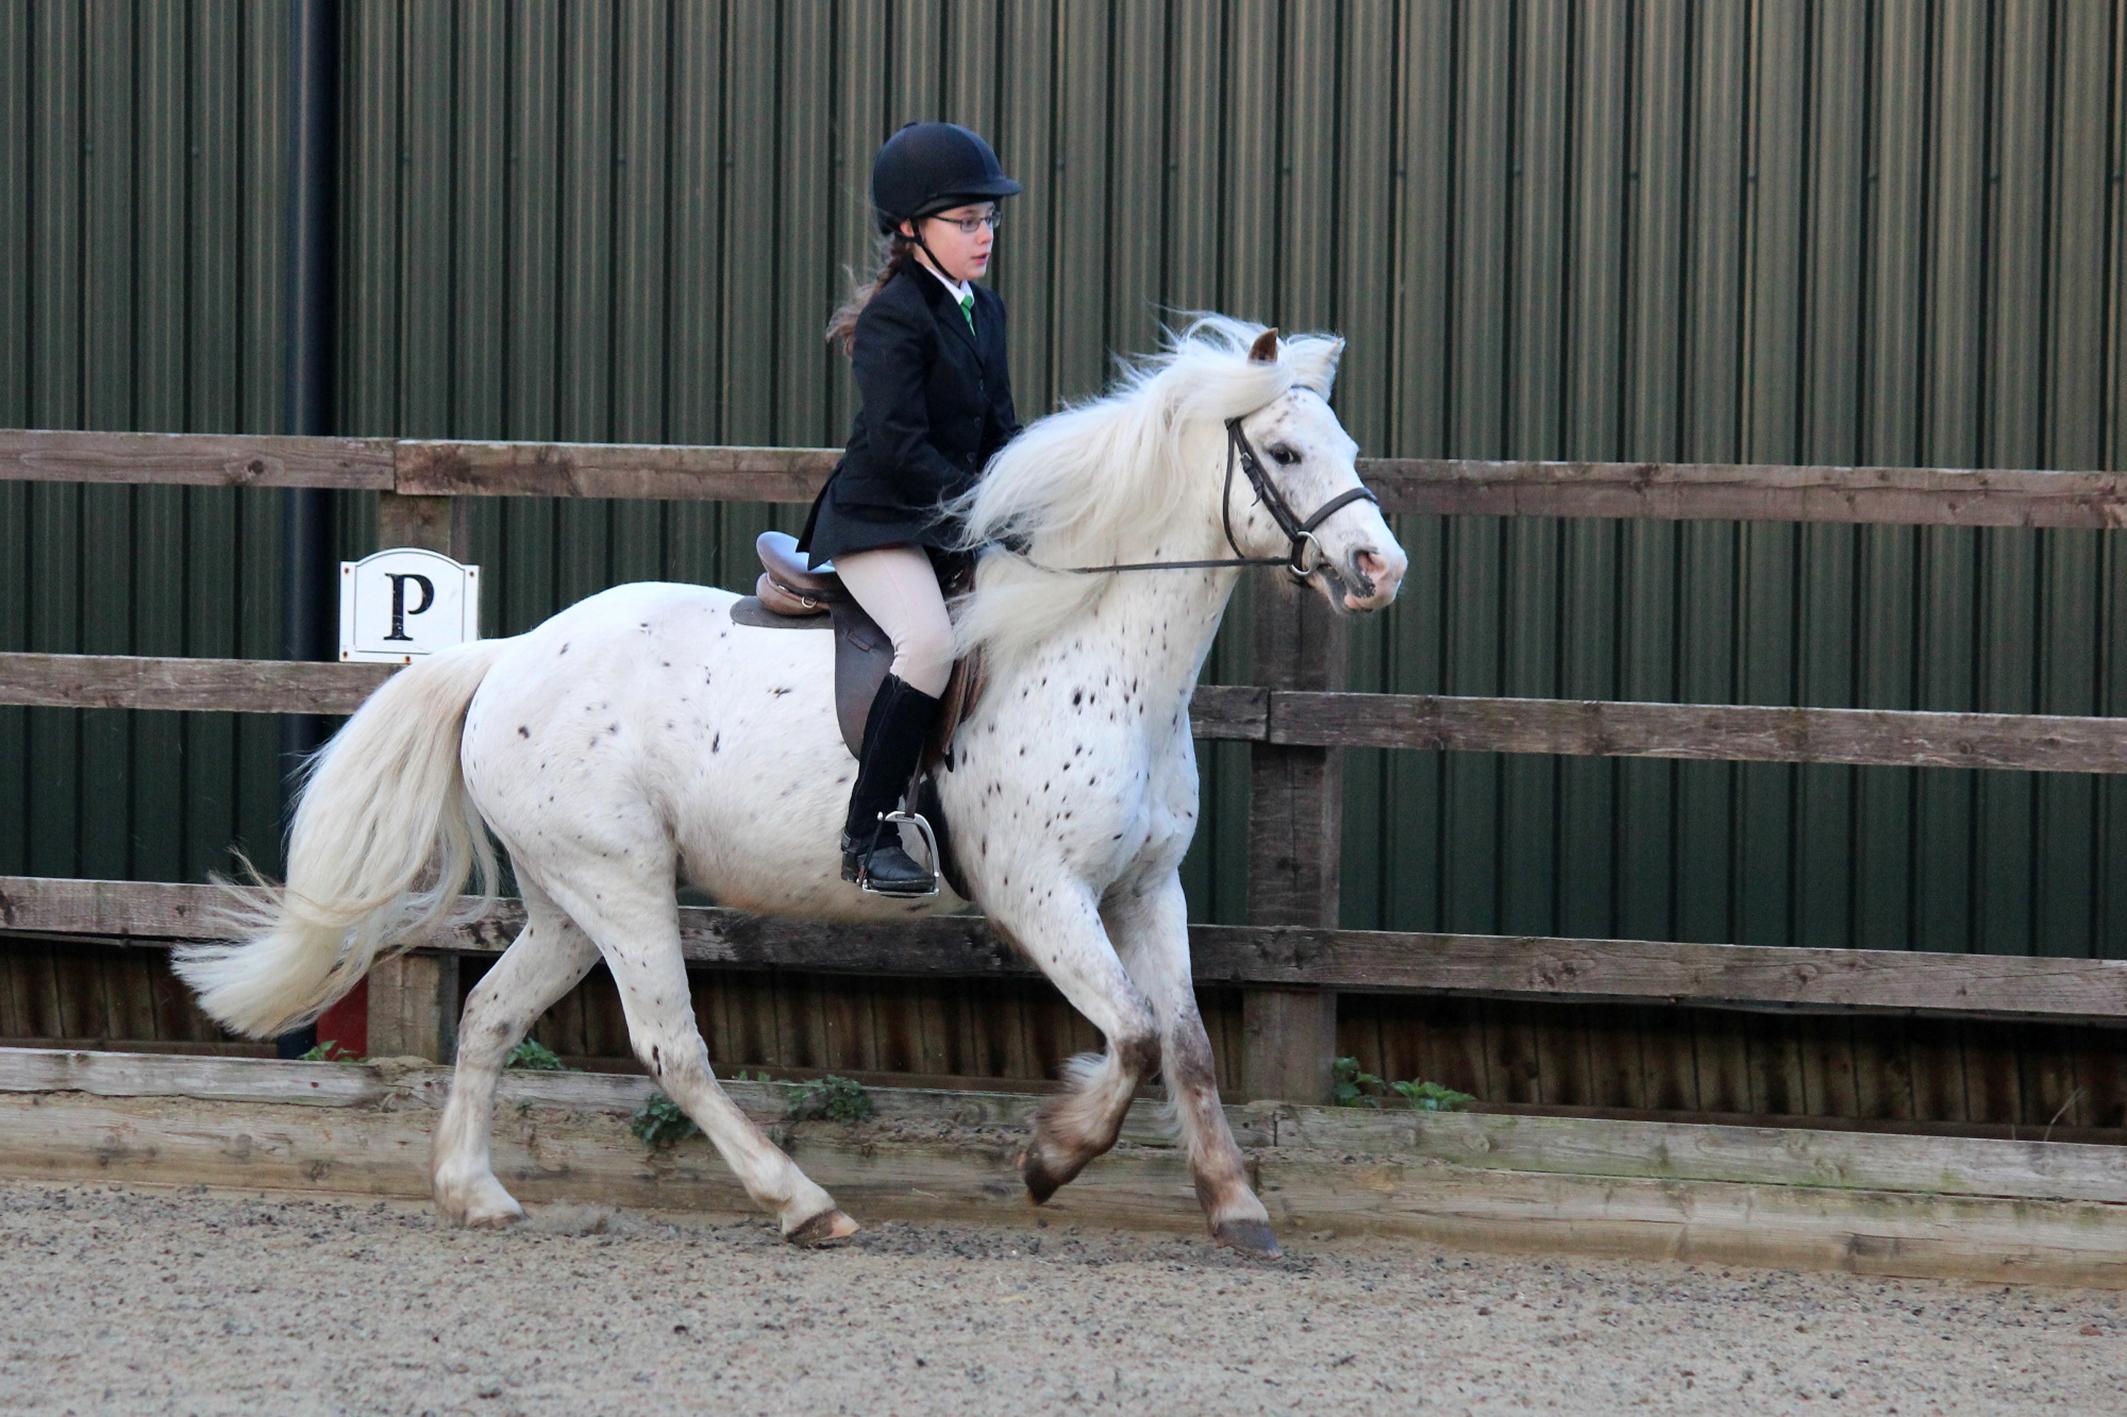 10 coisas fantásticas sobre escolas de equitação |  Características 1